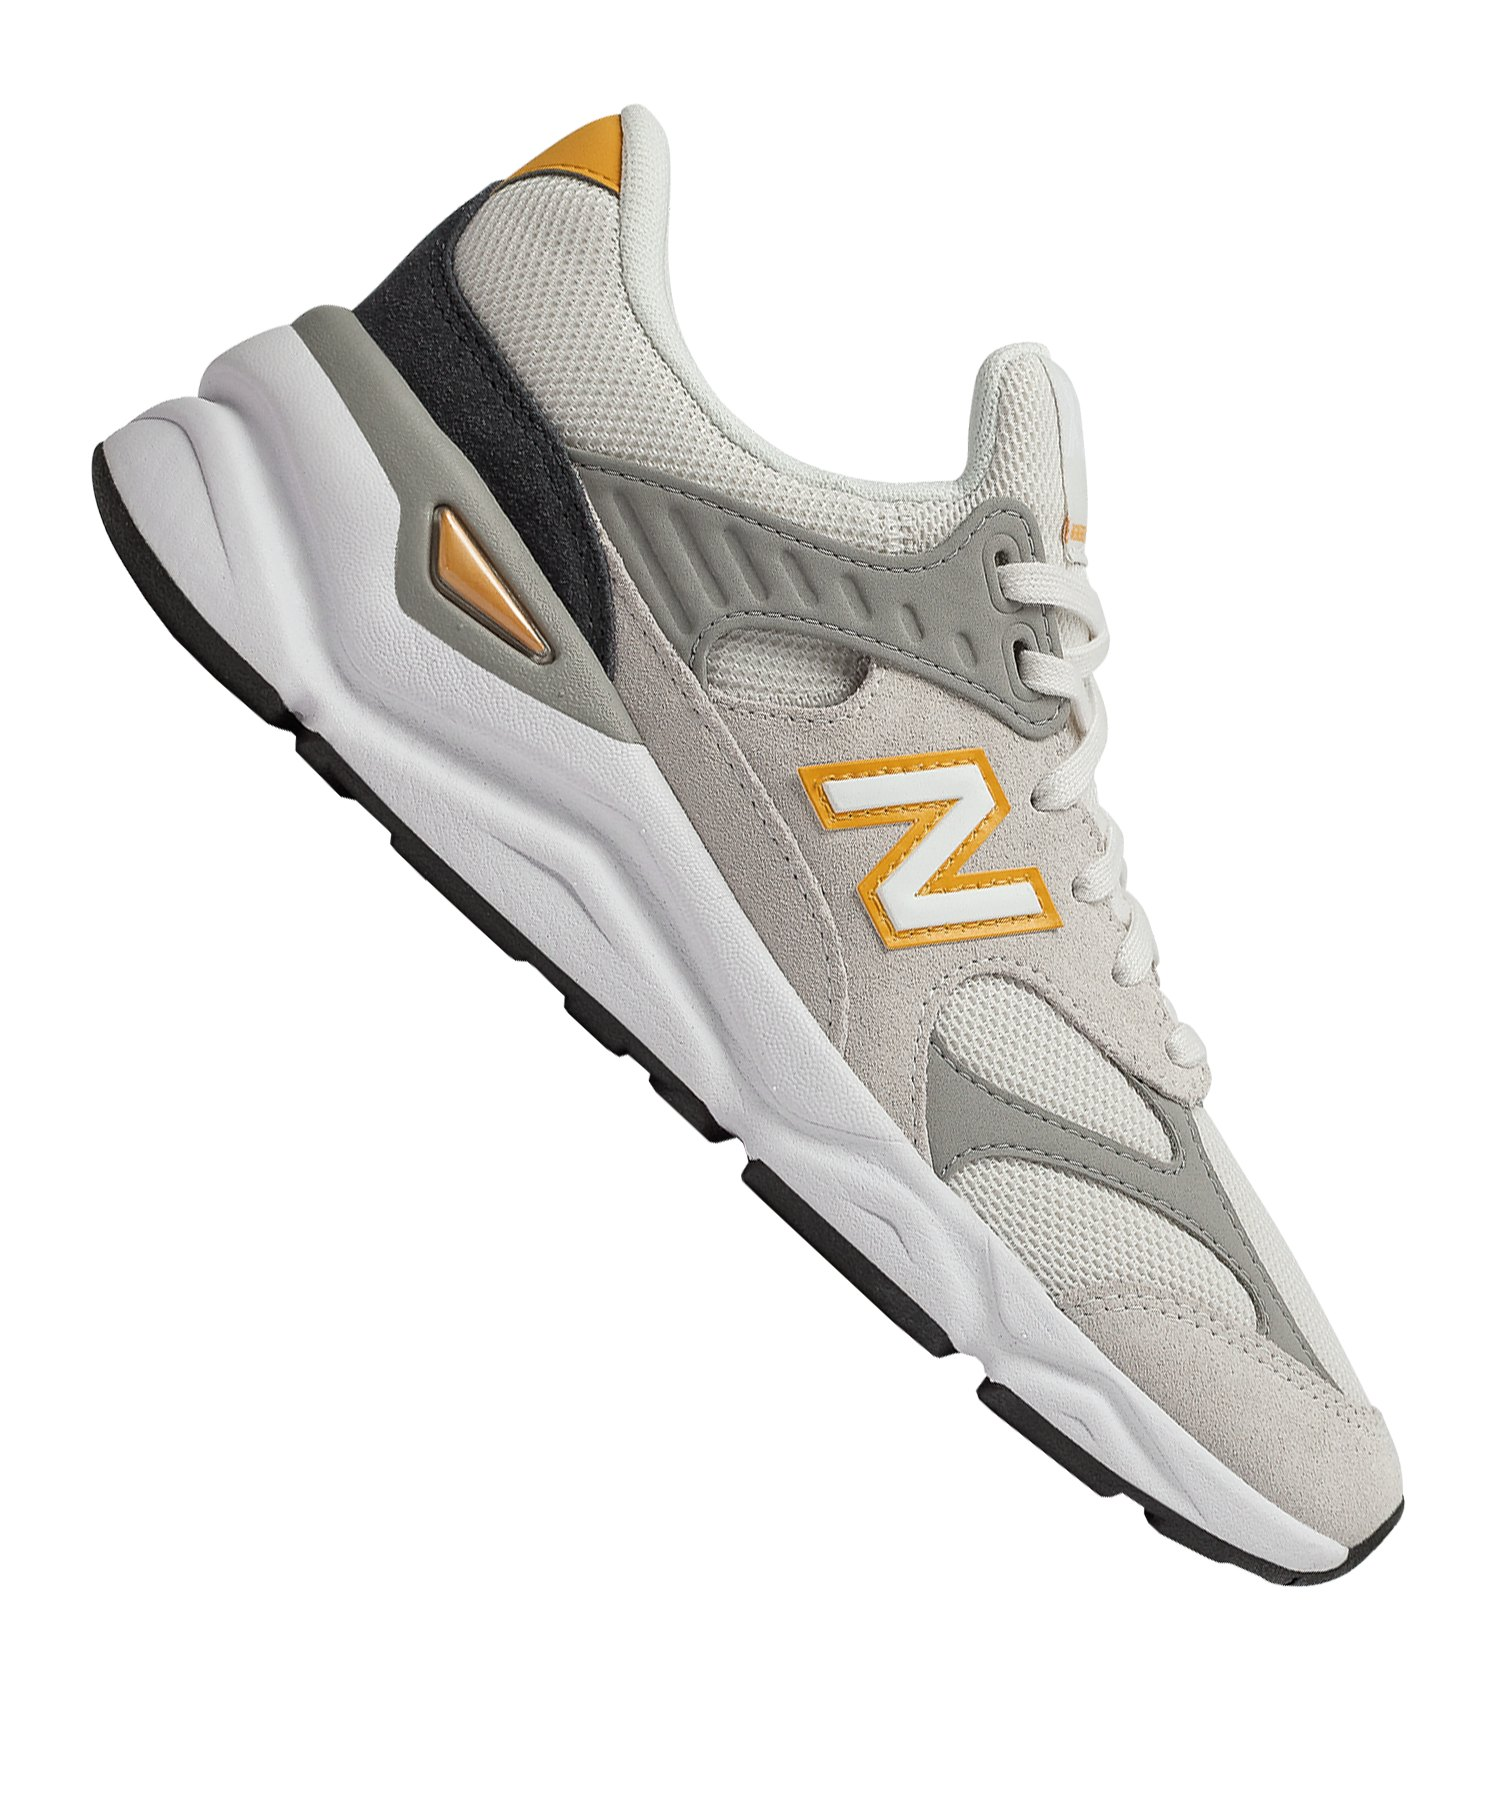 online store e1828 f4afe New Balance X-90 Reconstructed Sneaker Damen Grau F3